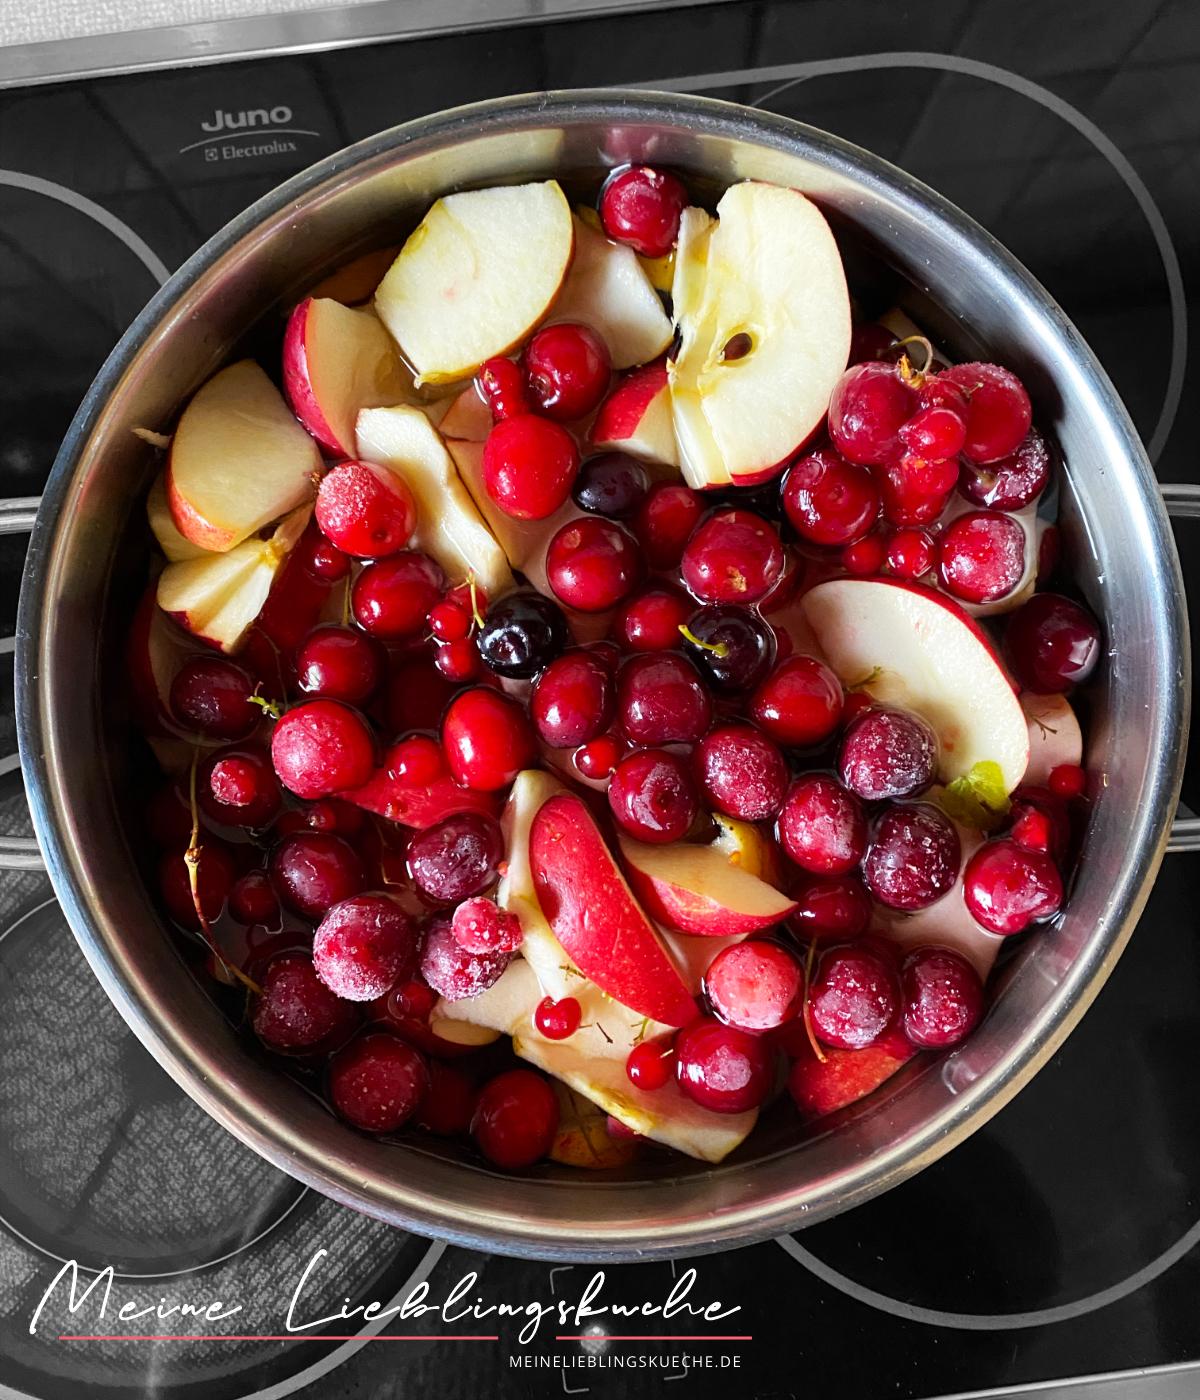 Russischer Kompott aus Äpfeln und Kirschen